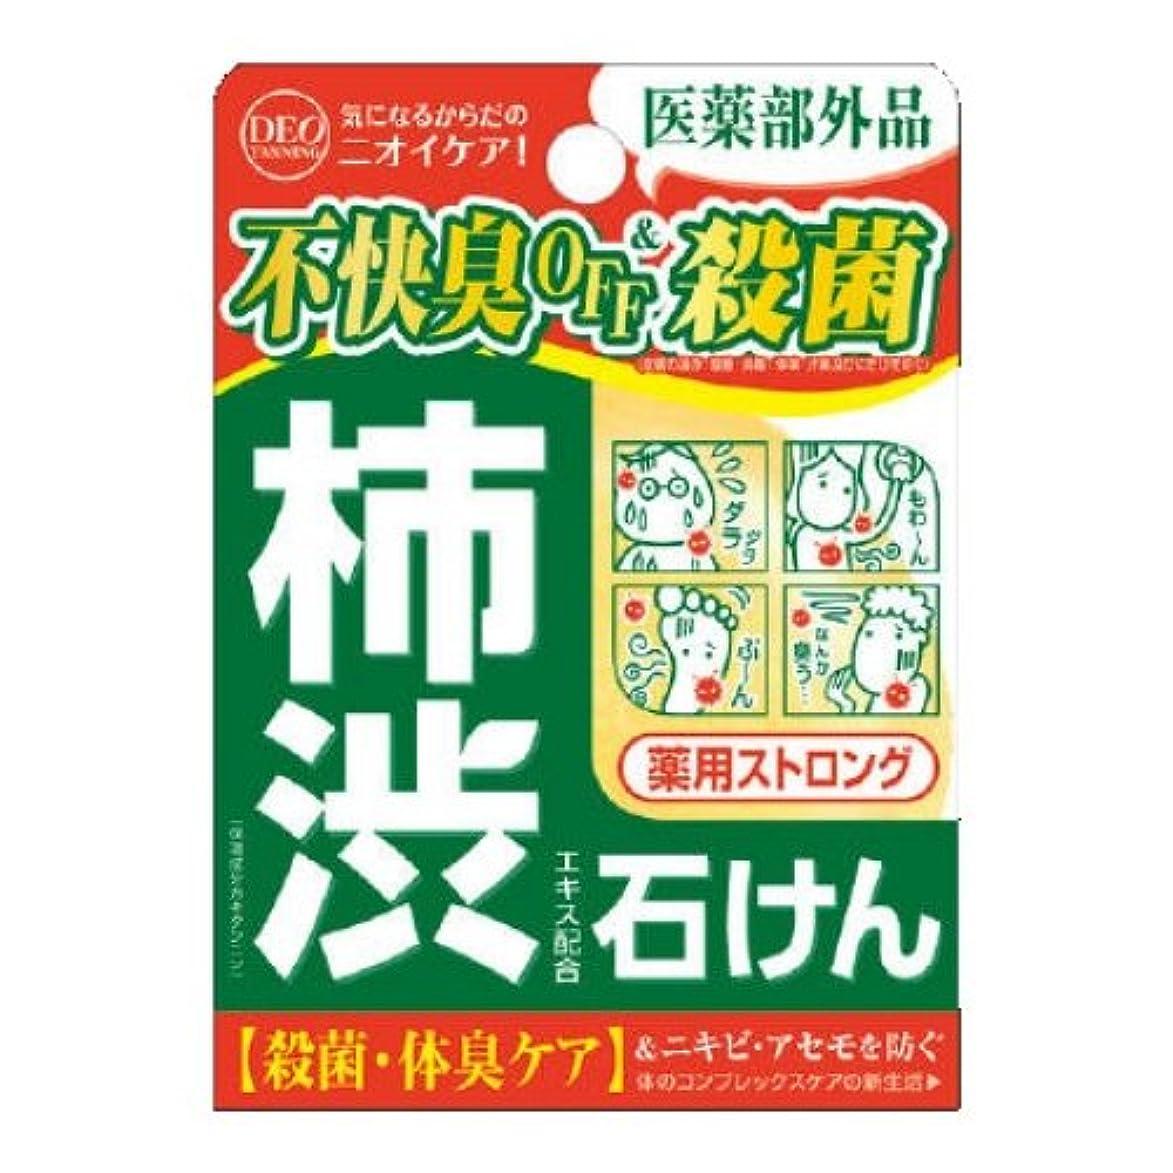 タックル賛美歌習慣デオタンニング 薬用ストロング ソープ 100g (医薬部外品)